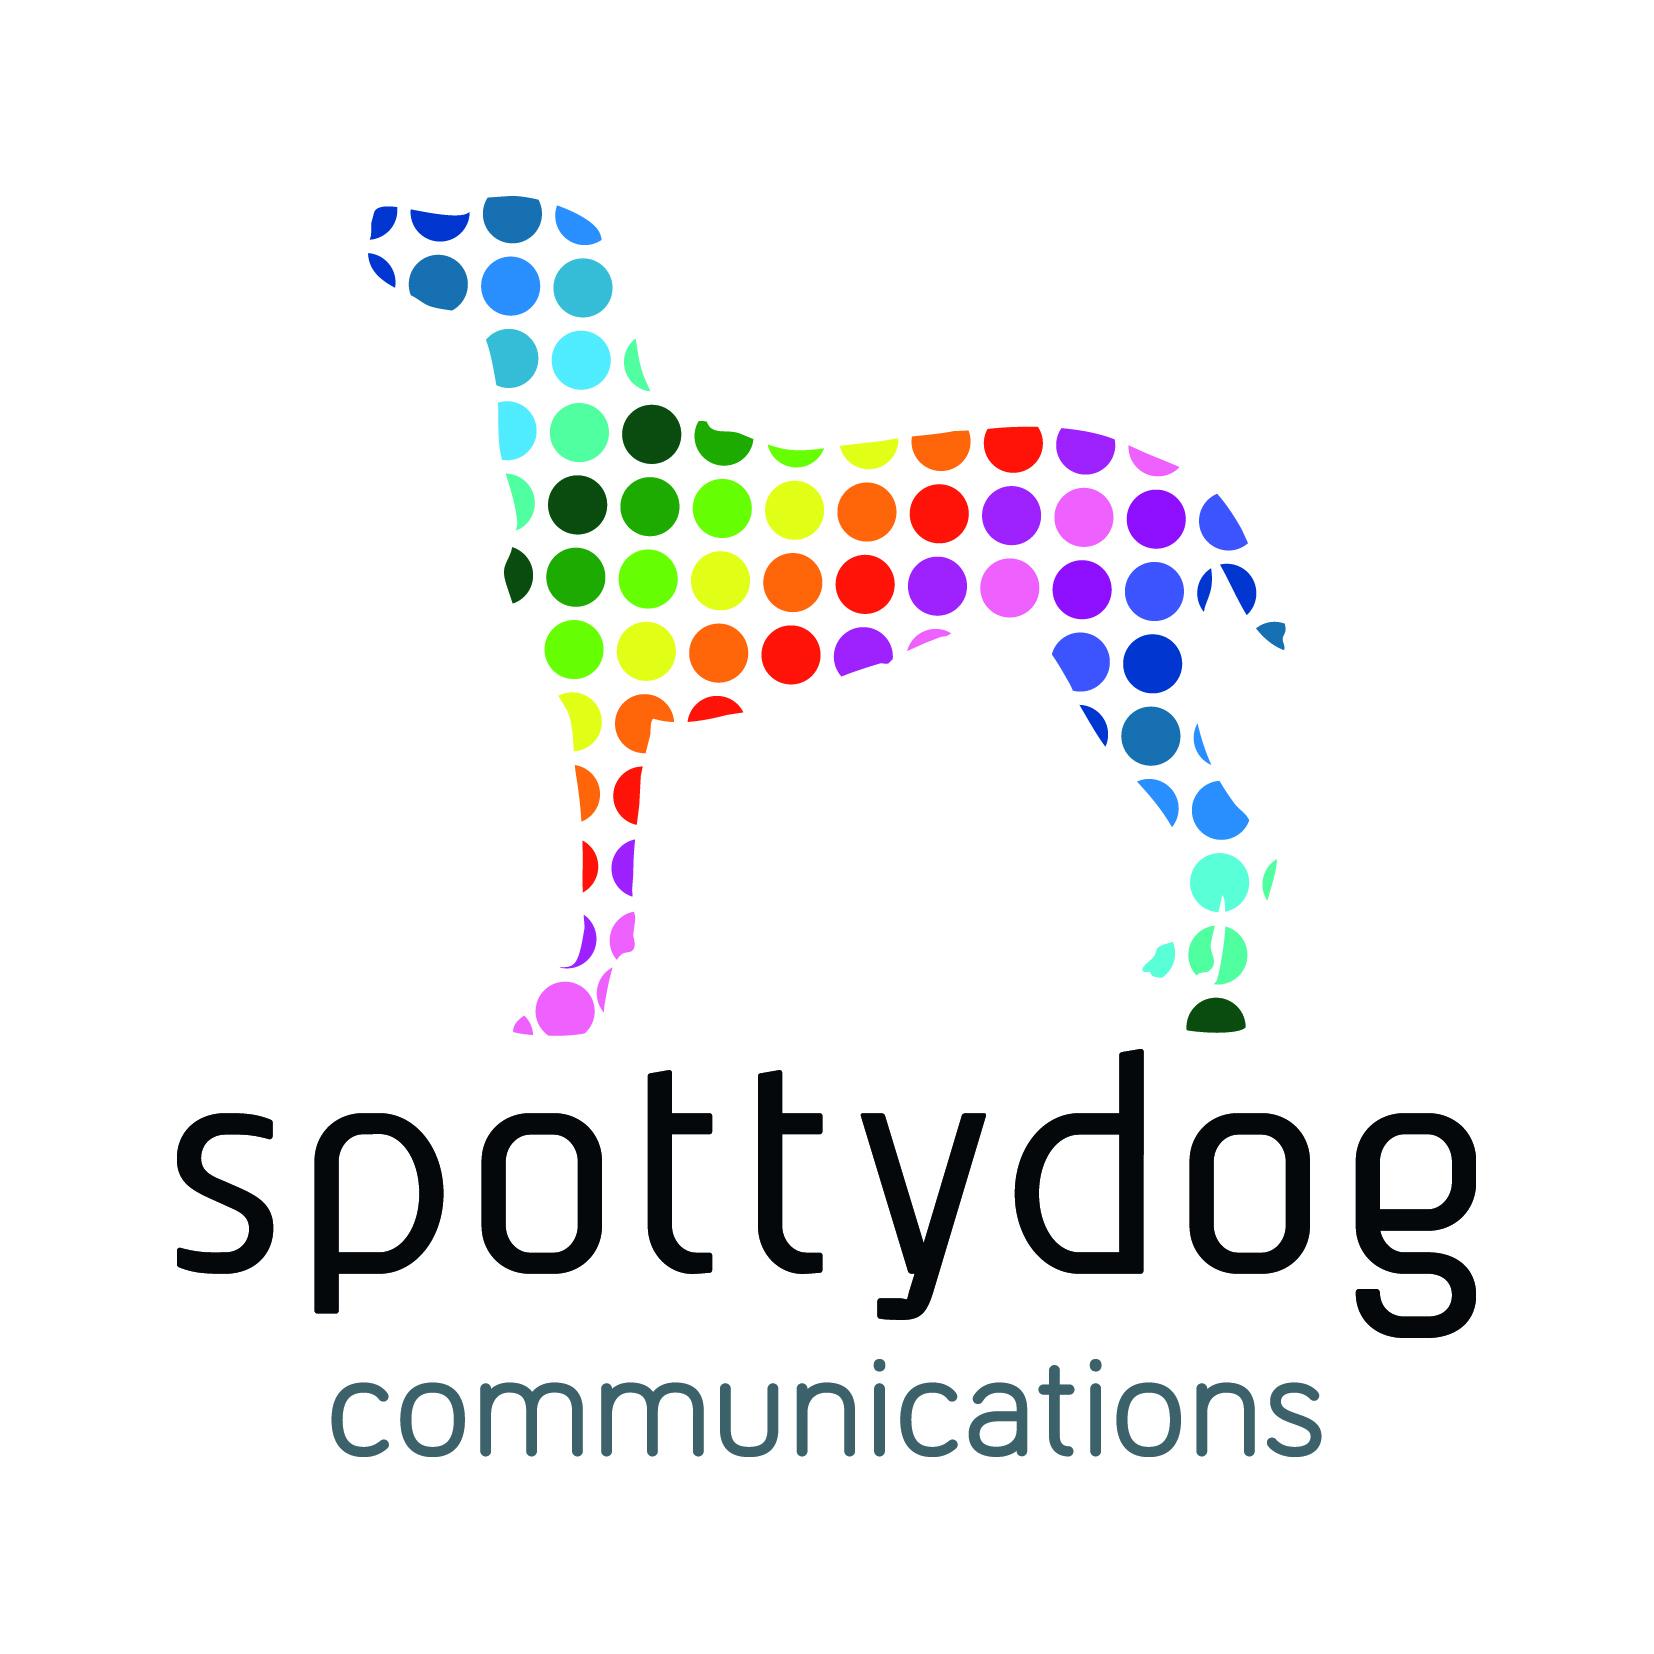 spottydog-communications-logo